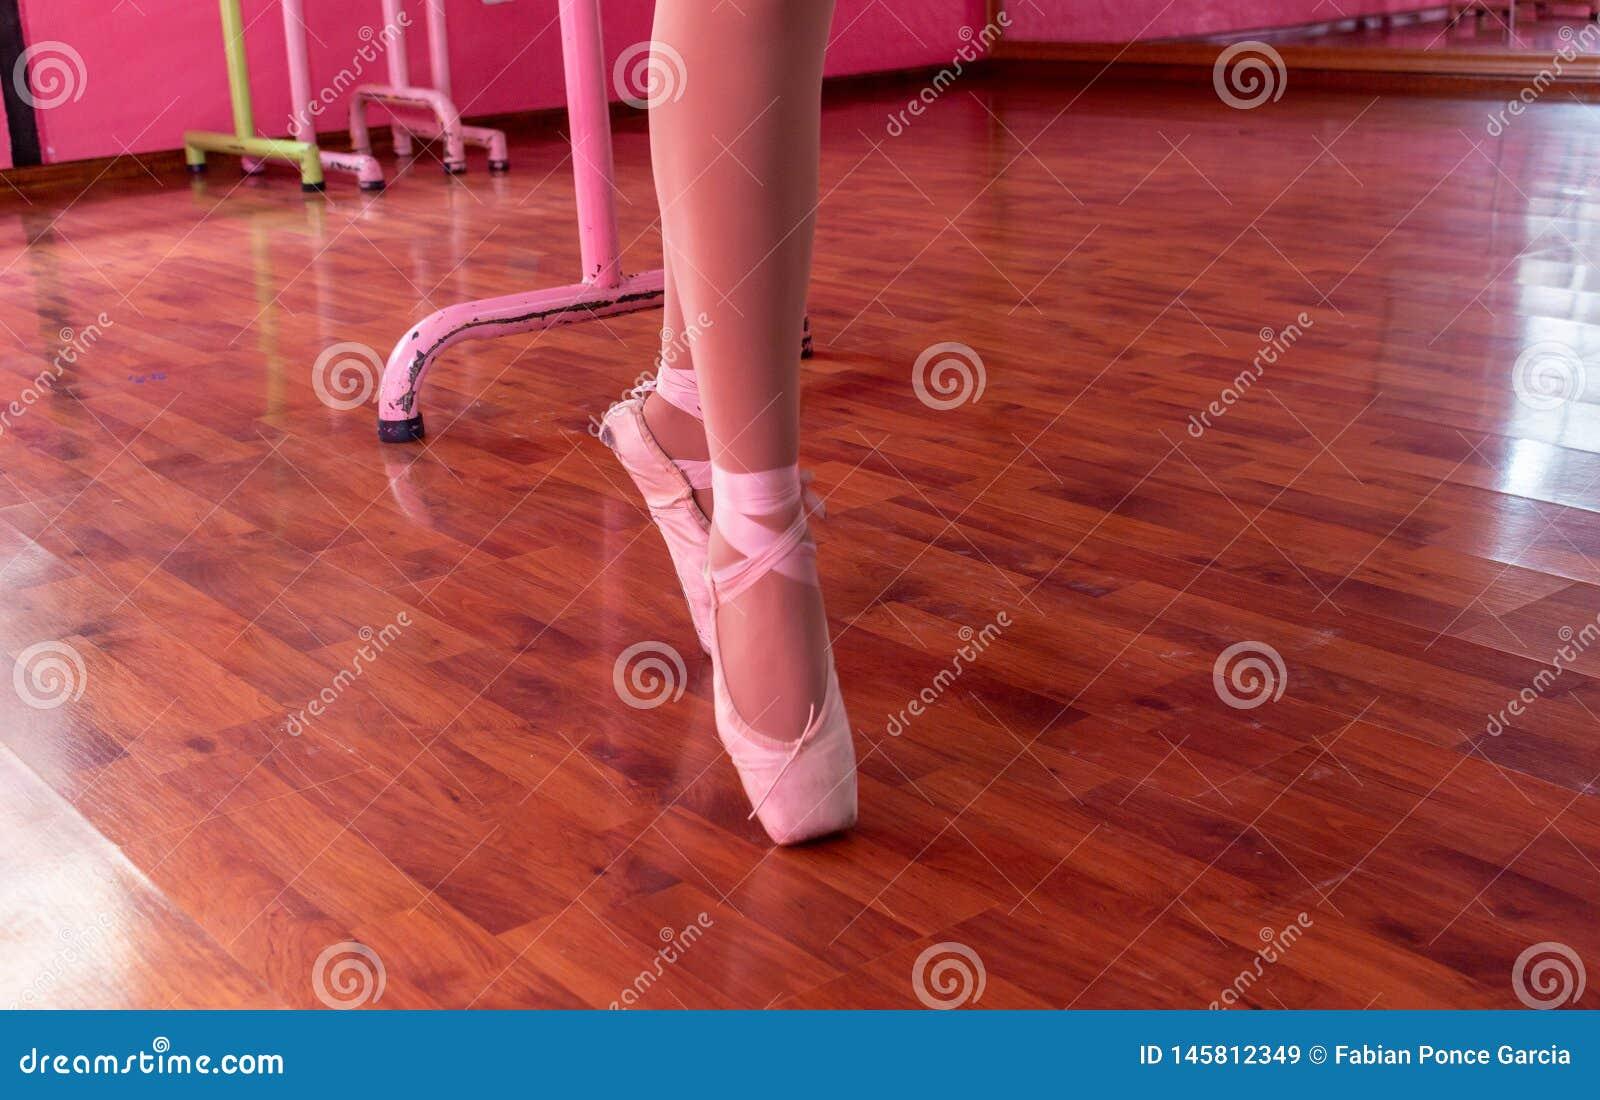 Bailarina que ensaia com seus deslizadores cor-de-rosa do bailado